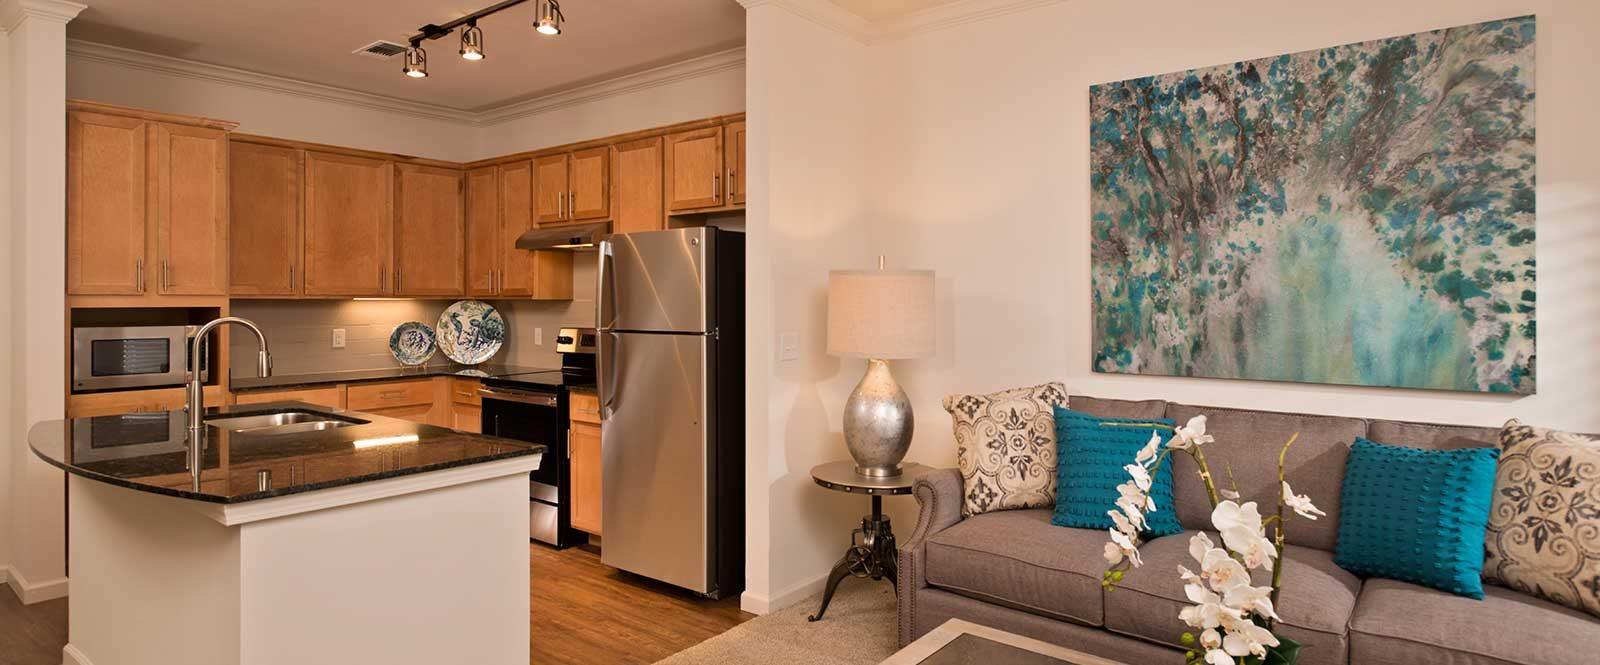 Fully-applianced kitchen with vinyl plank floors at Diamond Oaks Village, Florida, 34134